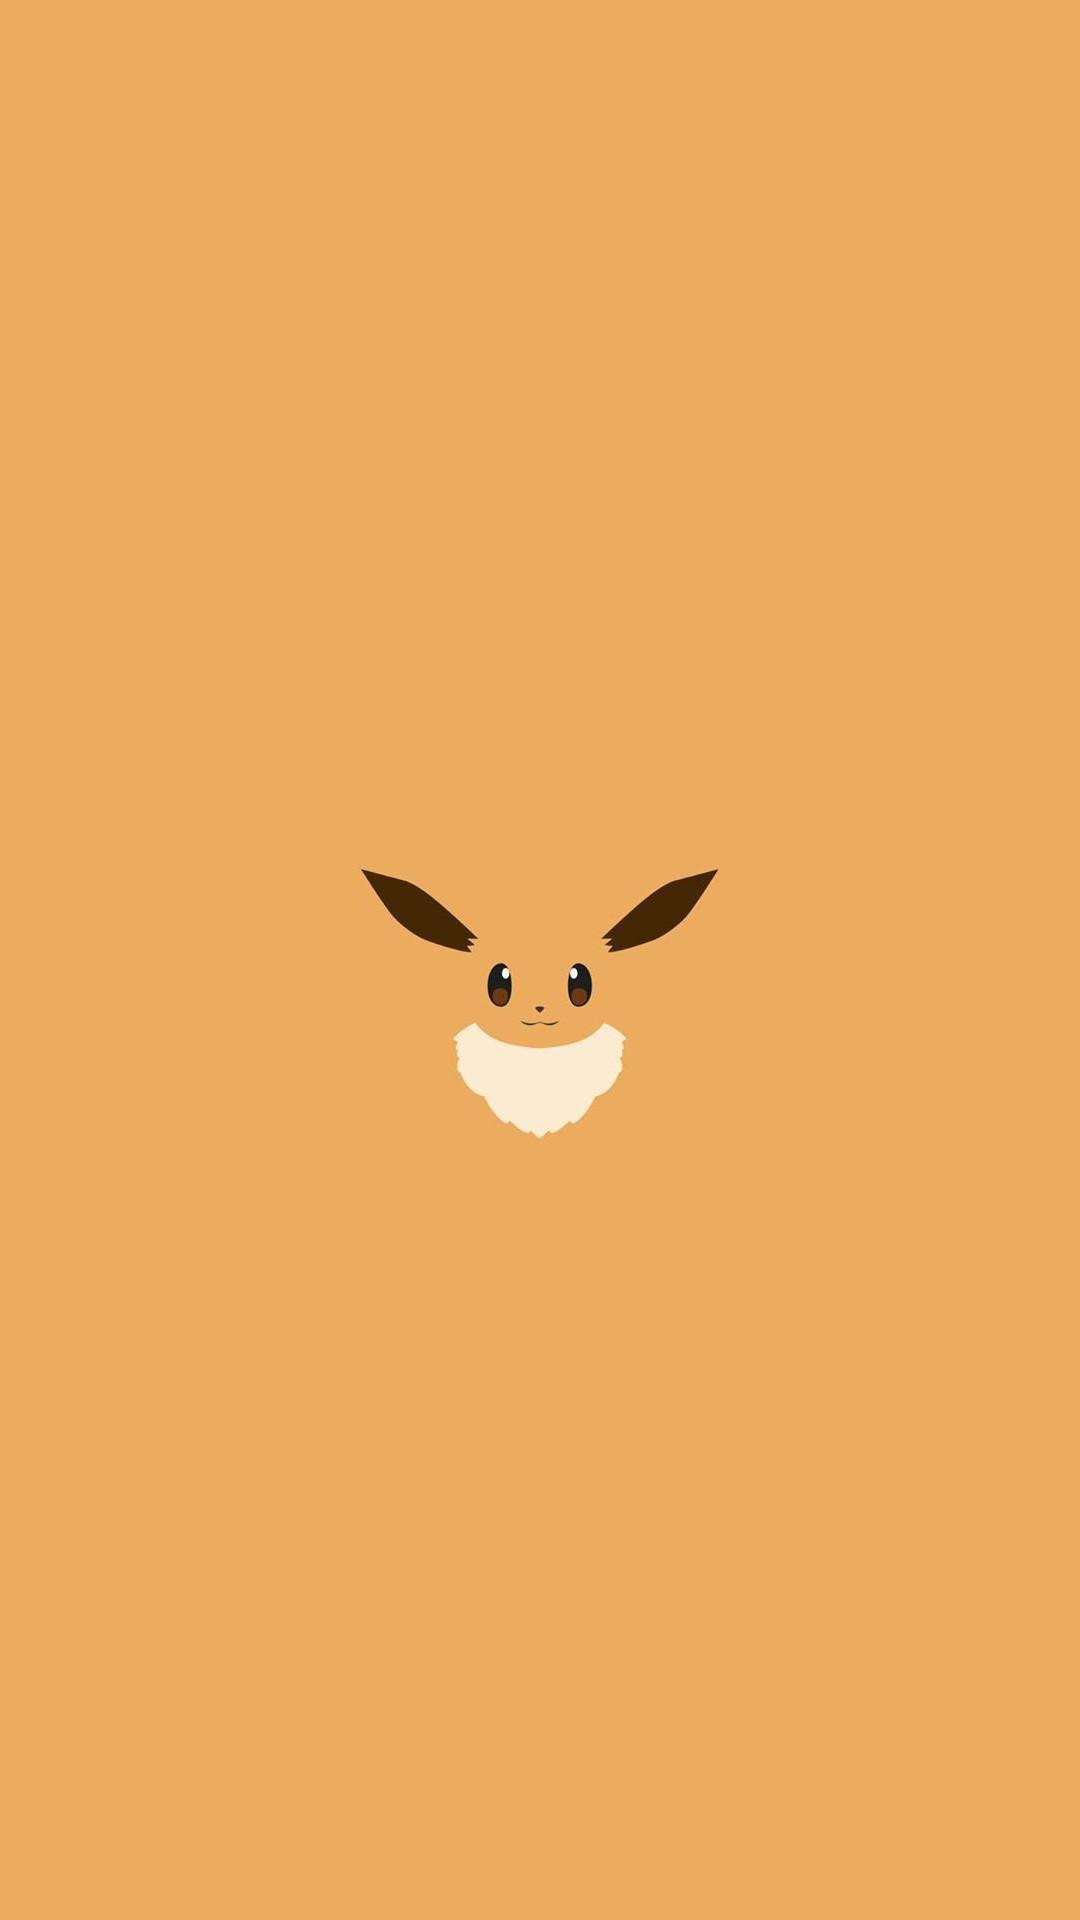 Eevee Pokemon Character iPhone 6+ HD Wallpaper – https://freebestpicture.com